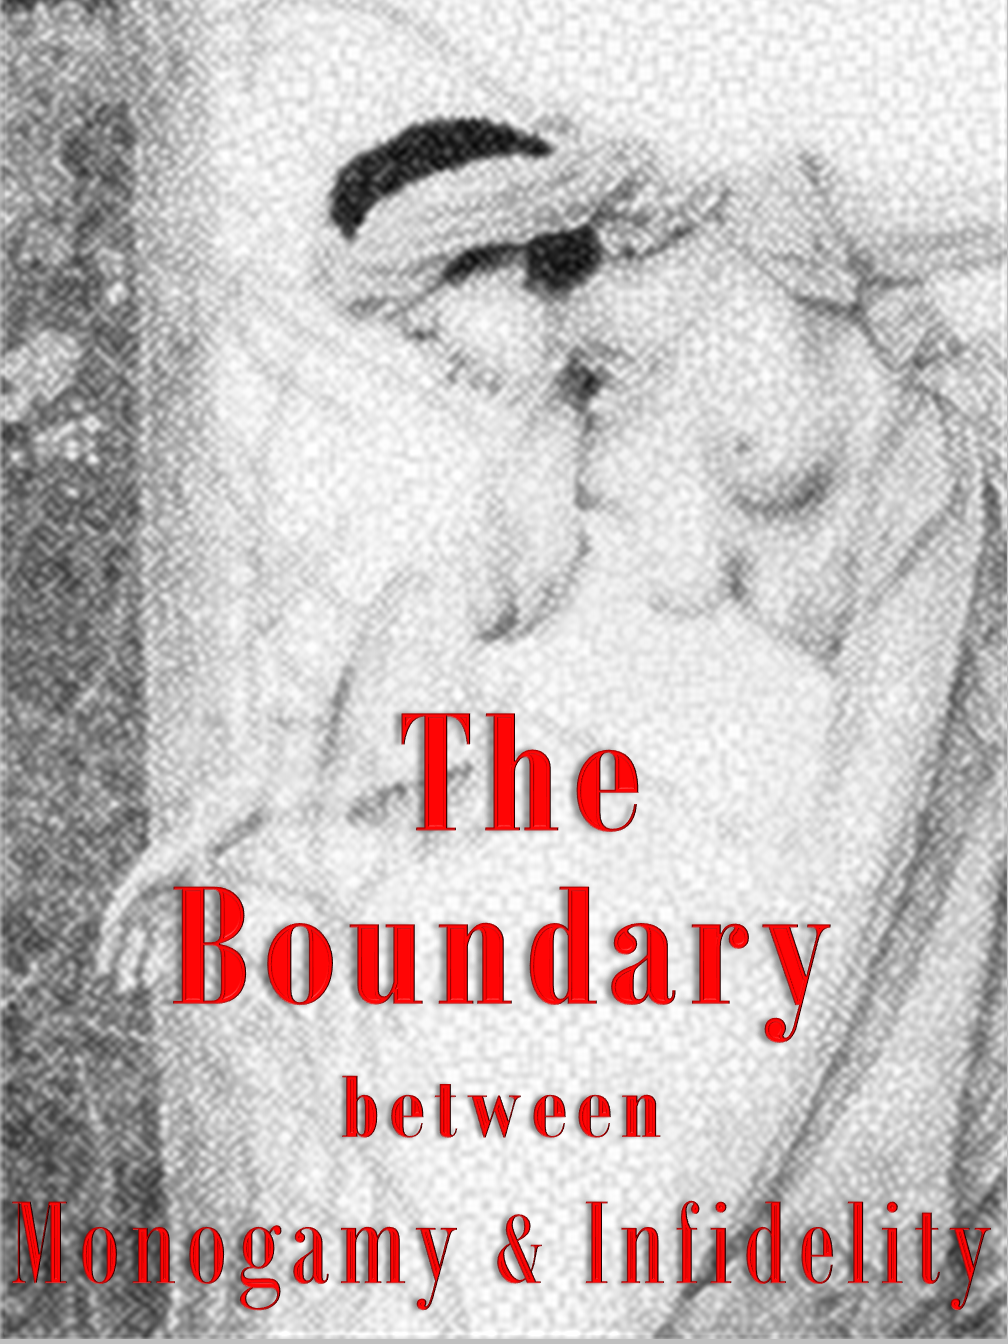 Monogamy & Infidelity